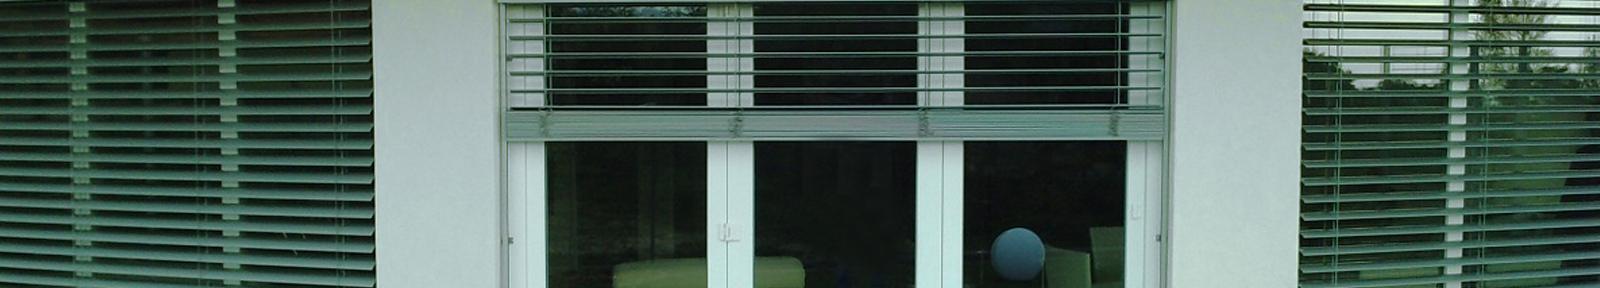 okna aluminiowe schuc szczecin